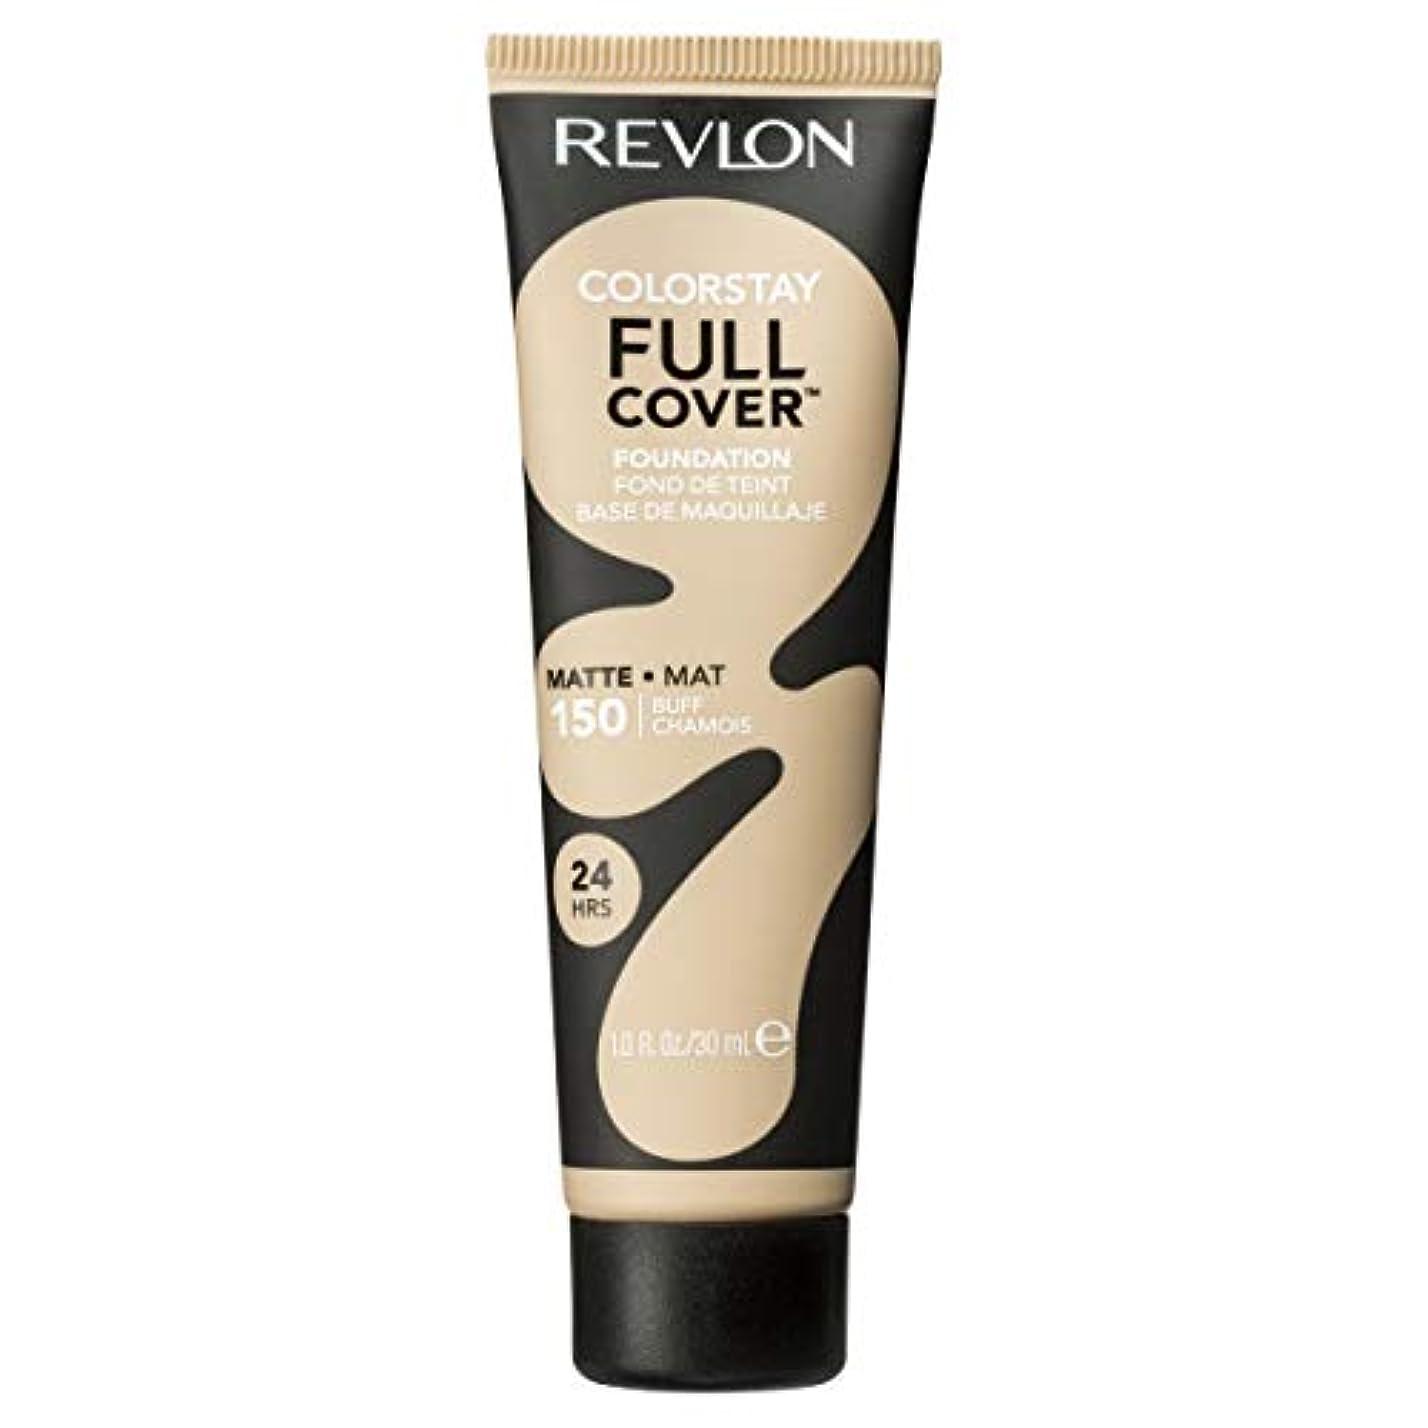 約設定陪審ペルソナ【レブロン.revlon]カラーステイプルカバーファンデーション(30ml)/ color stay full cover foundation (150 buff)